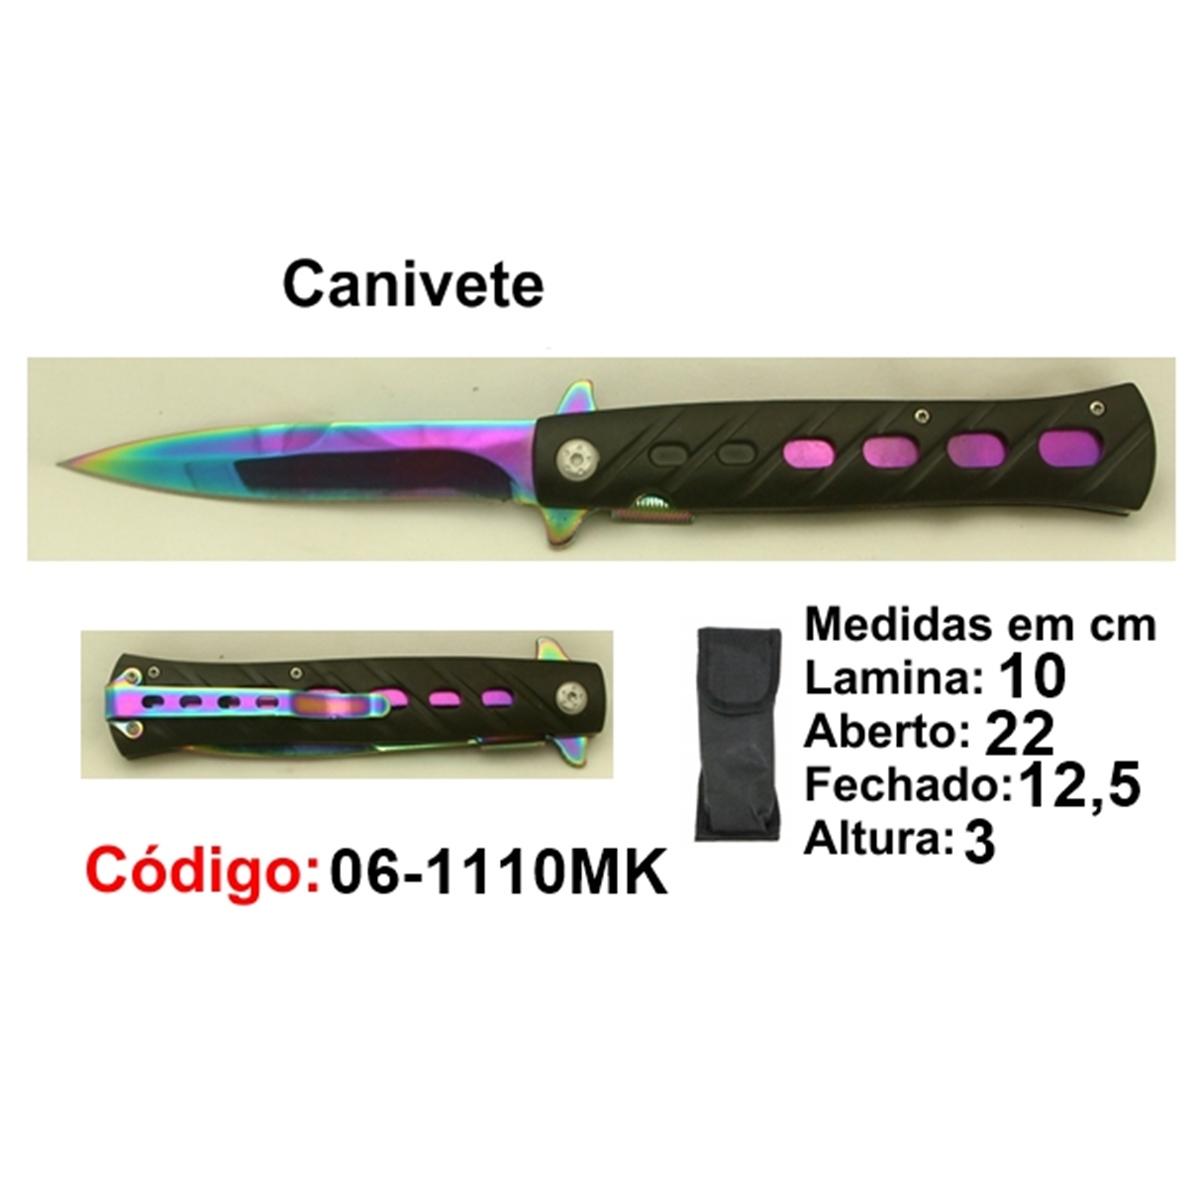 Canivete Esportivo Caça Pesca Etc. 06-1110MK